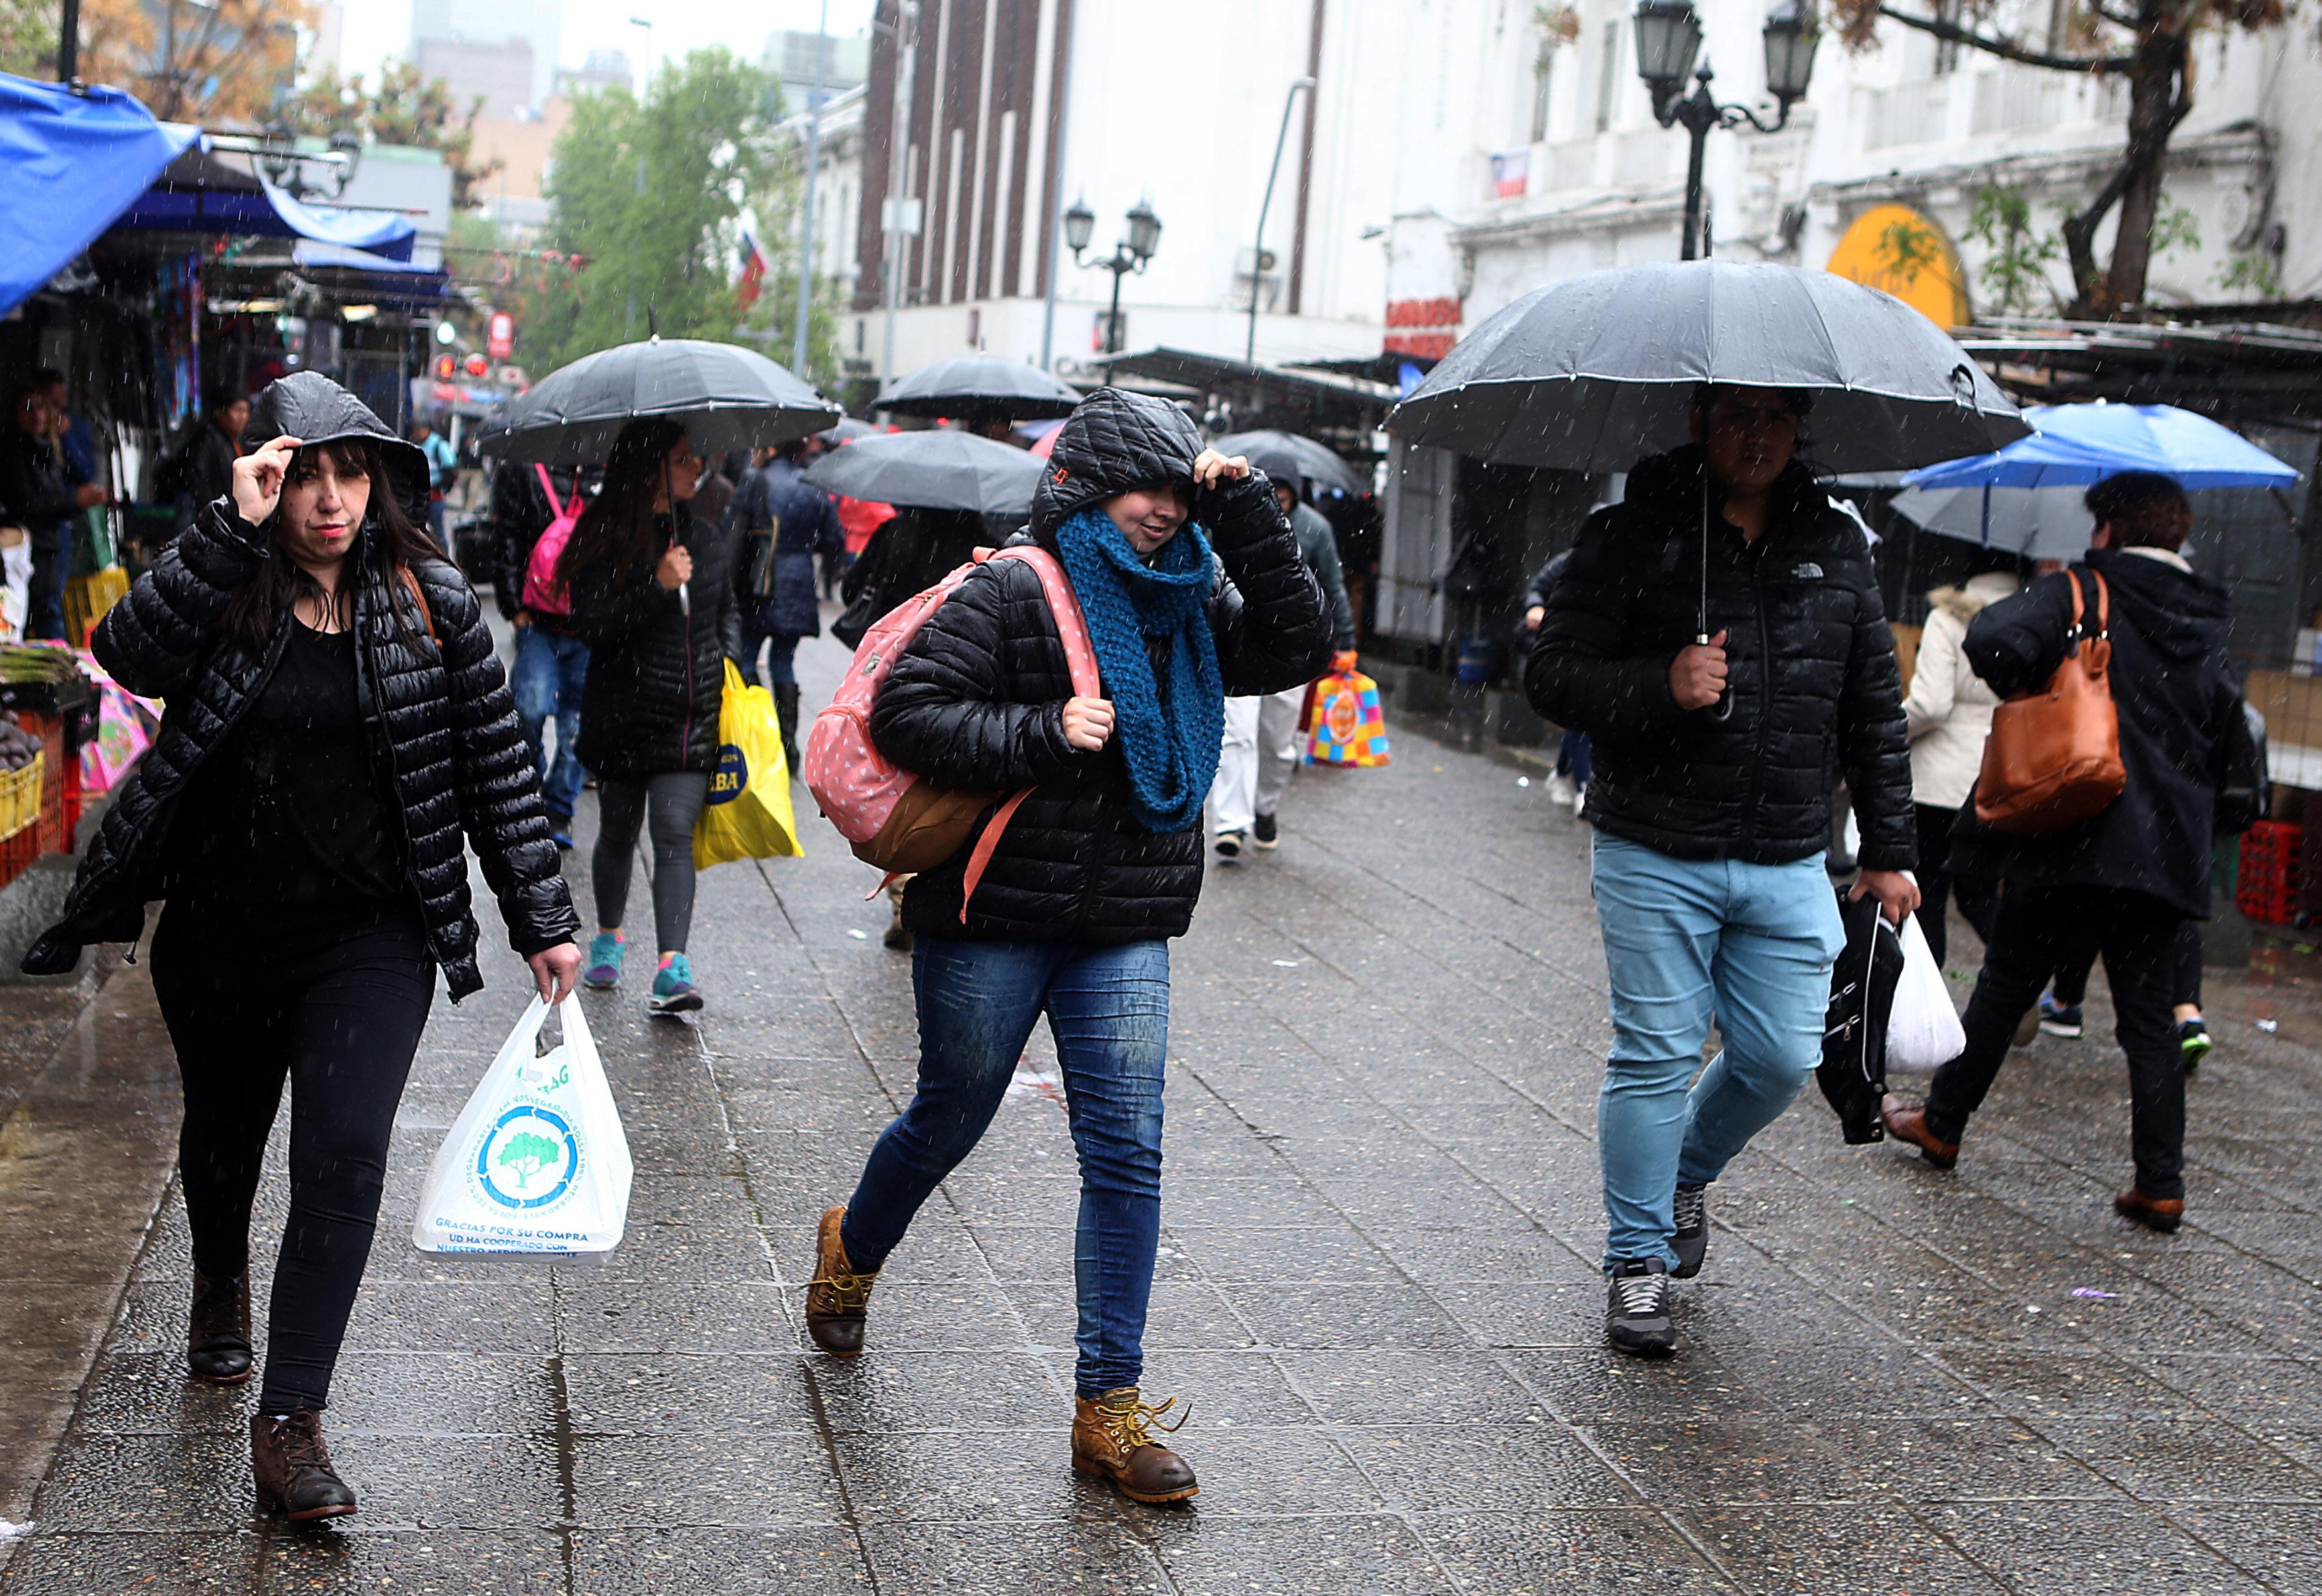 Meteorólogos anticipan que la lluvia llegará la próxima semana a la Región Metropolitana